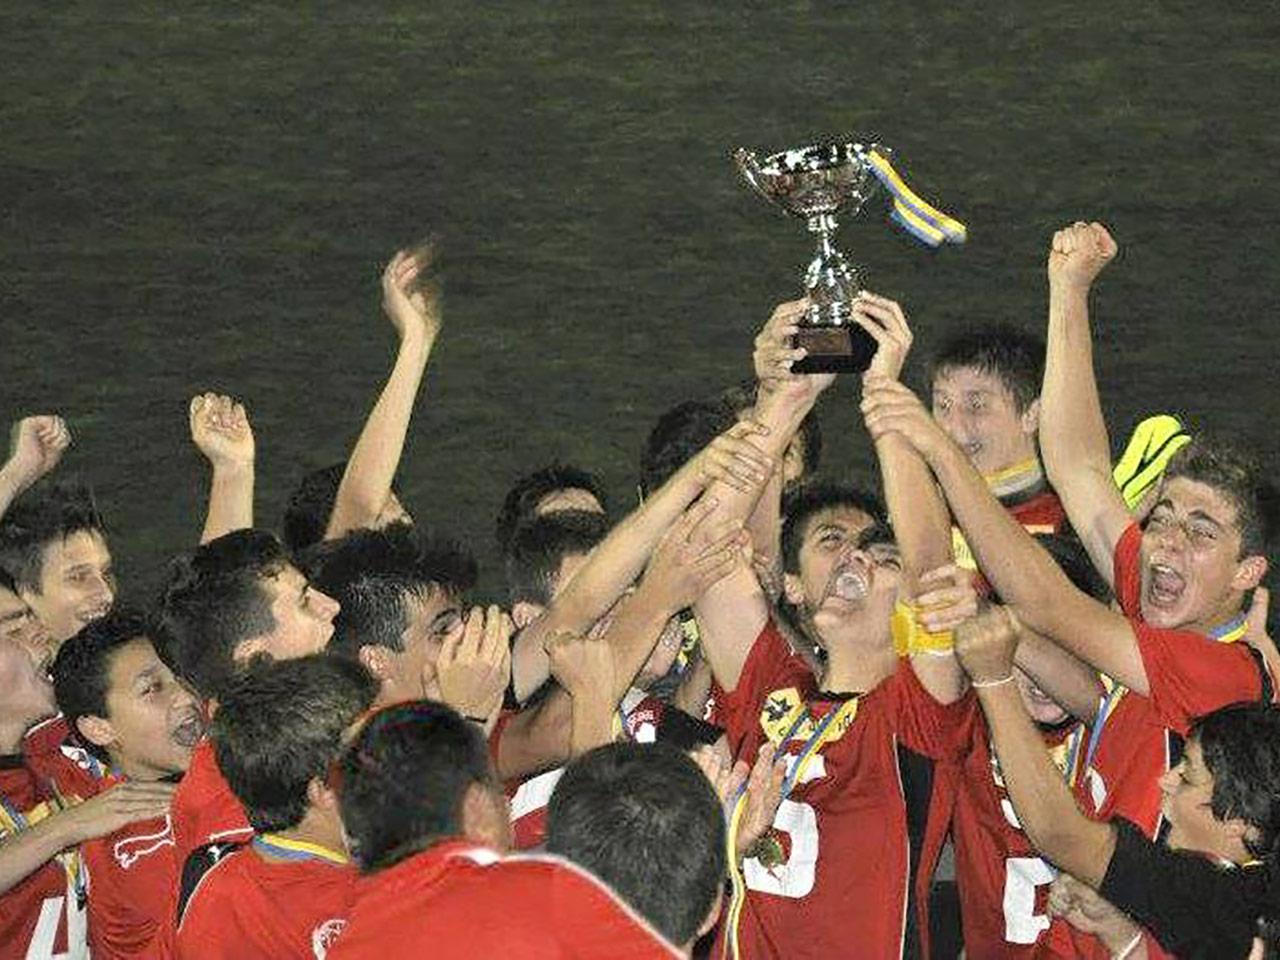 Παίδες 2012 Νικητές FC - Καλλιεργούμε τη νοοτροπία του Νικητή - Γέρακας, Παλλήνη